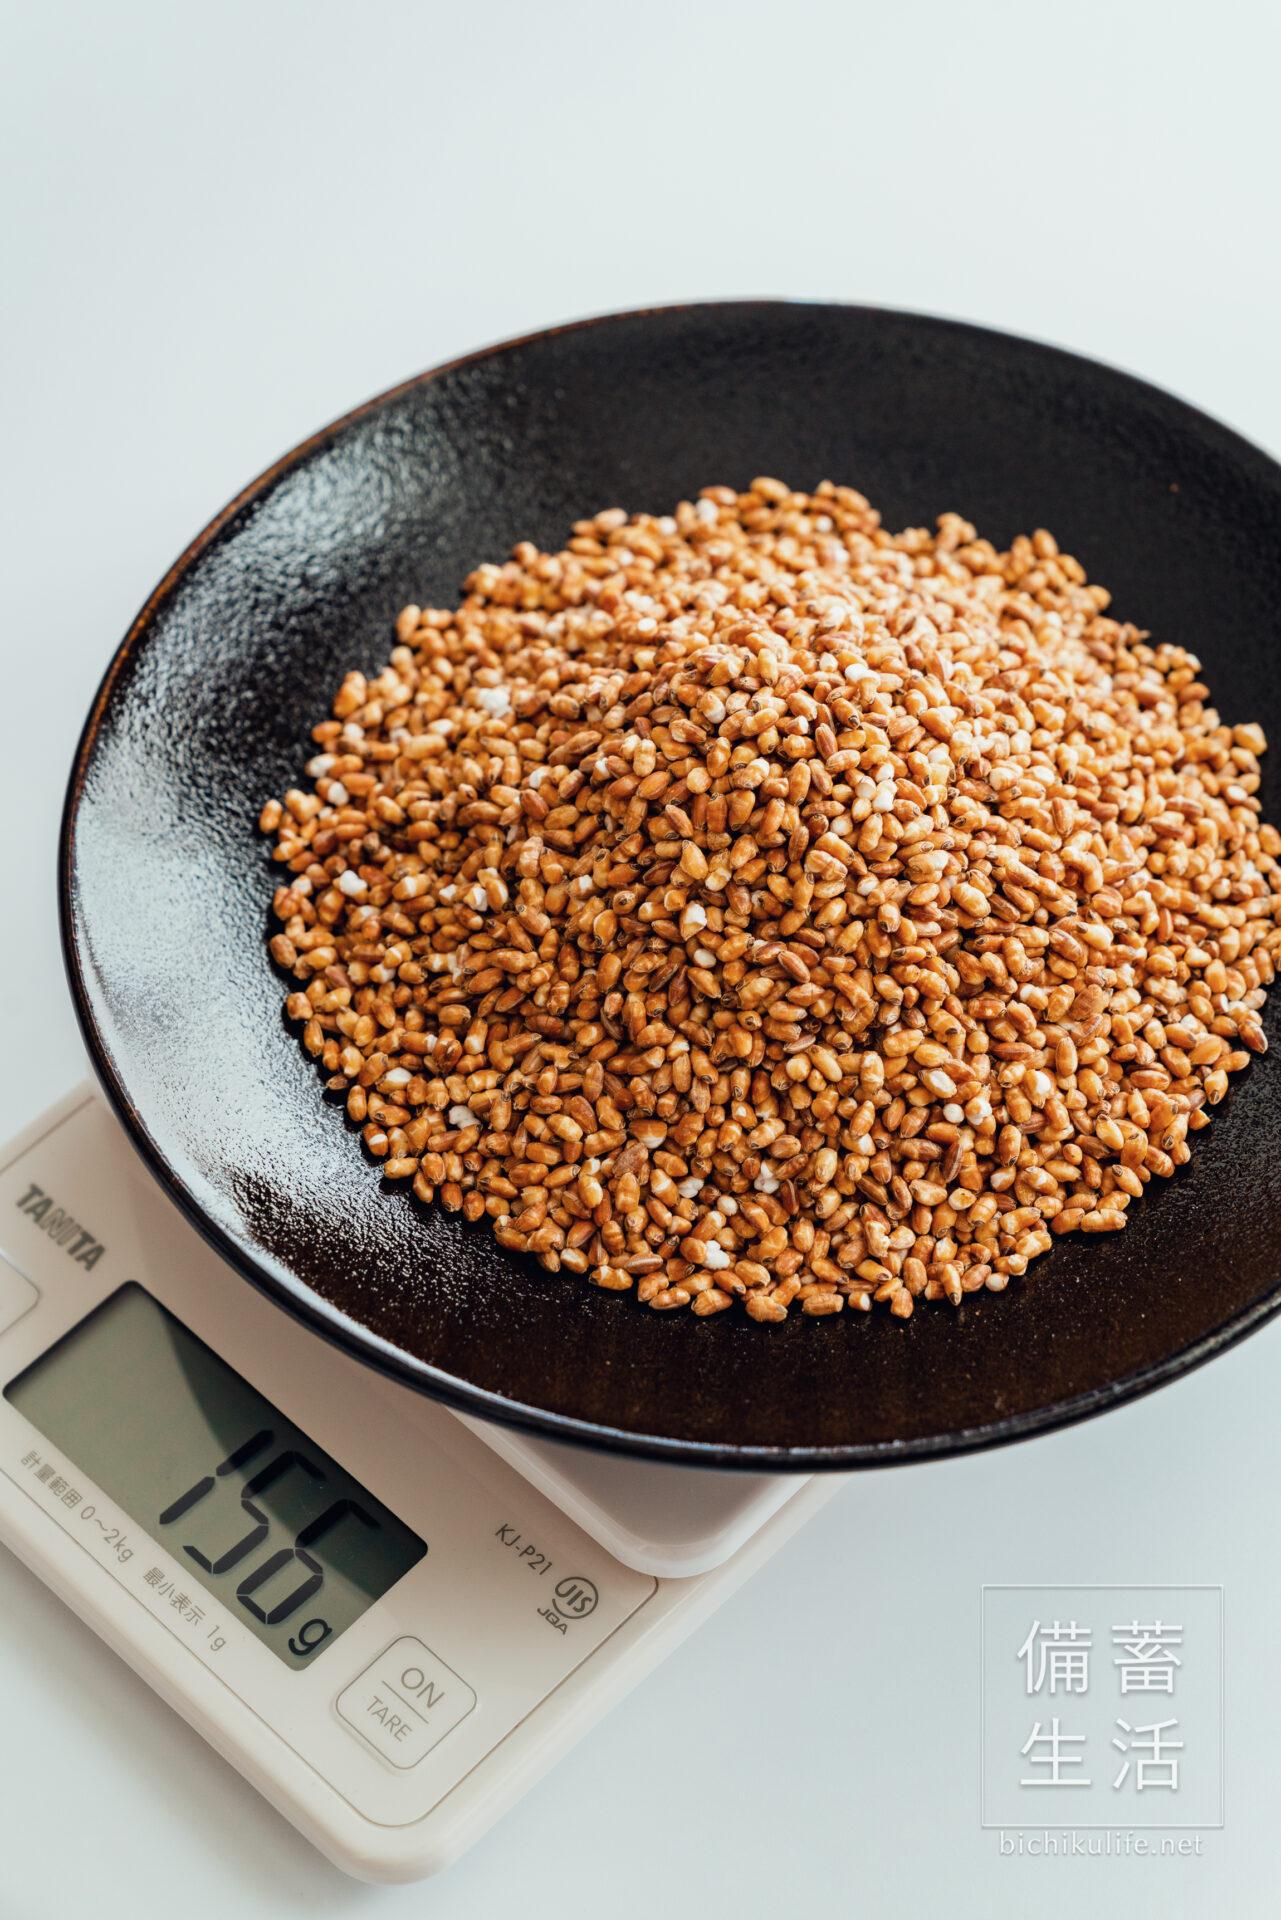 炒り玄米の作り方・レシピ